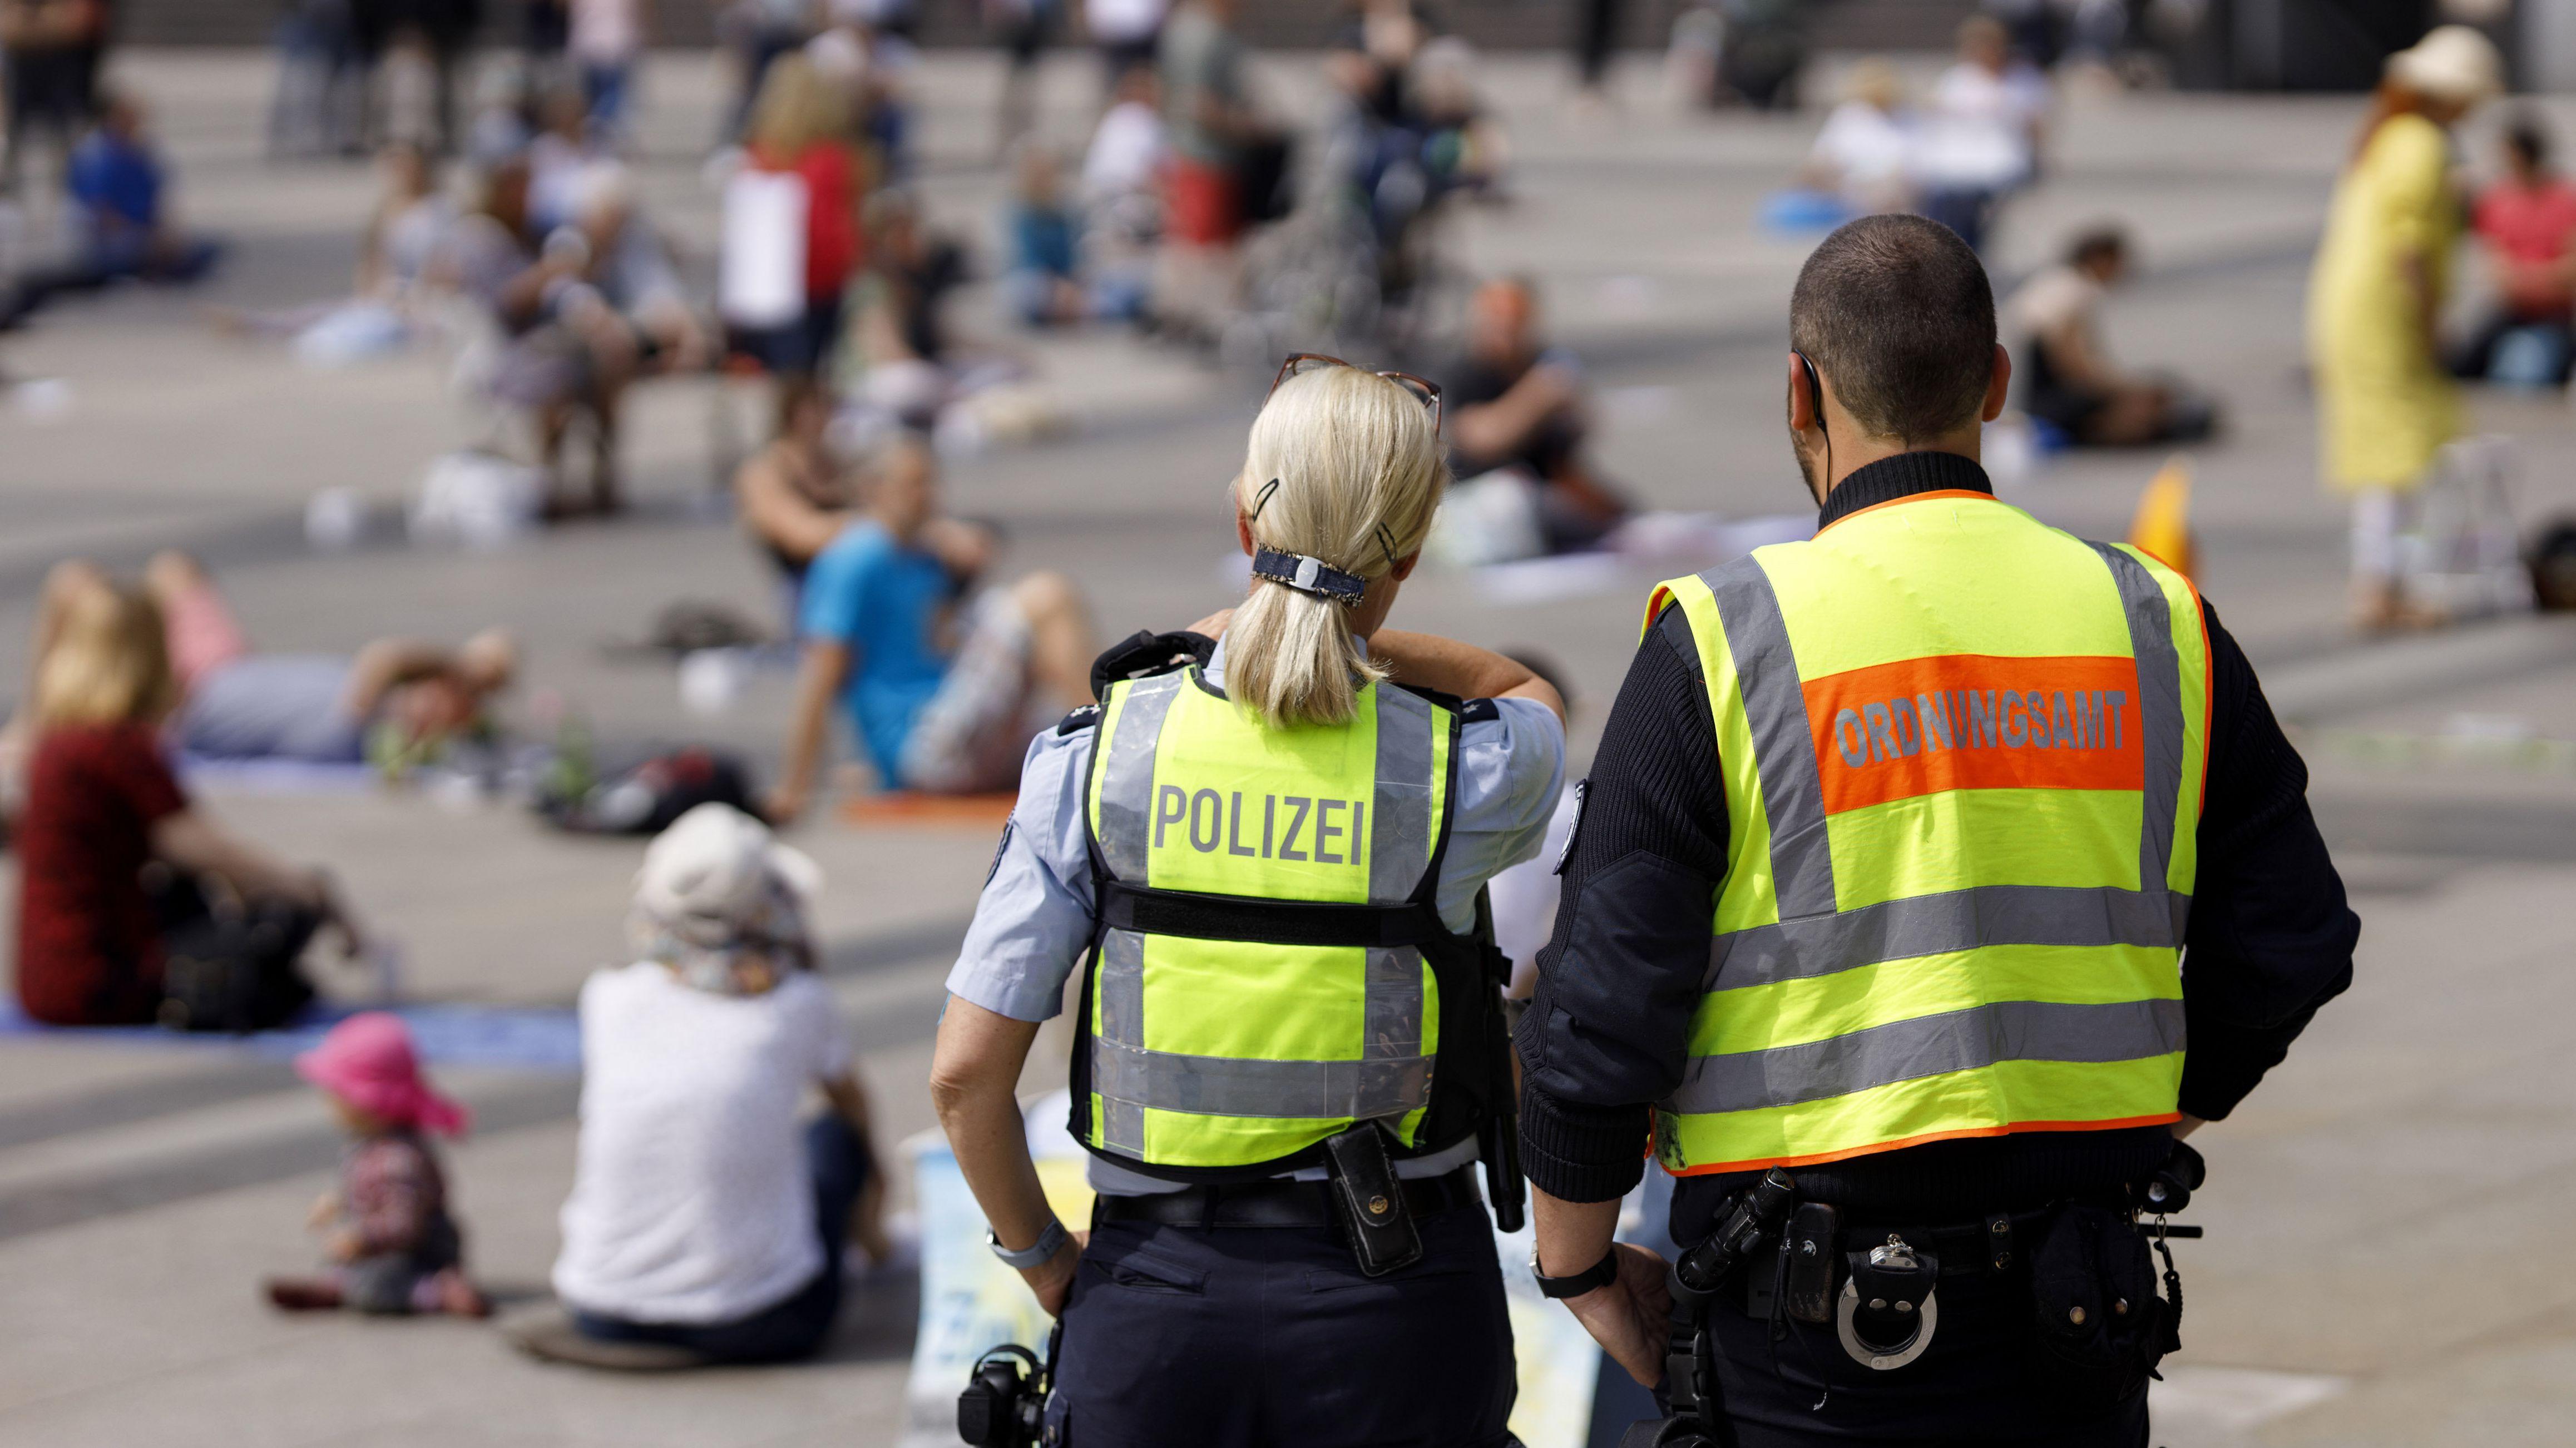 Polizistin und Mitarbeiter des Ordnungsamts bei einer Demo